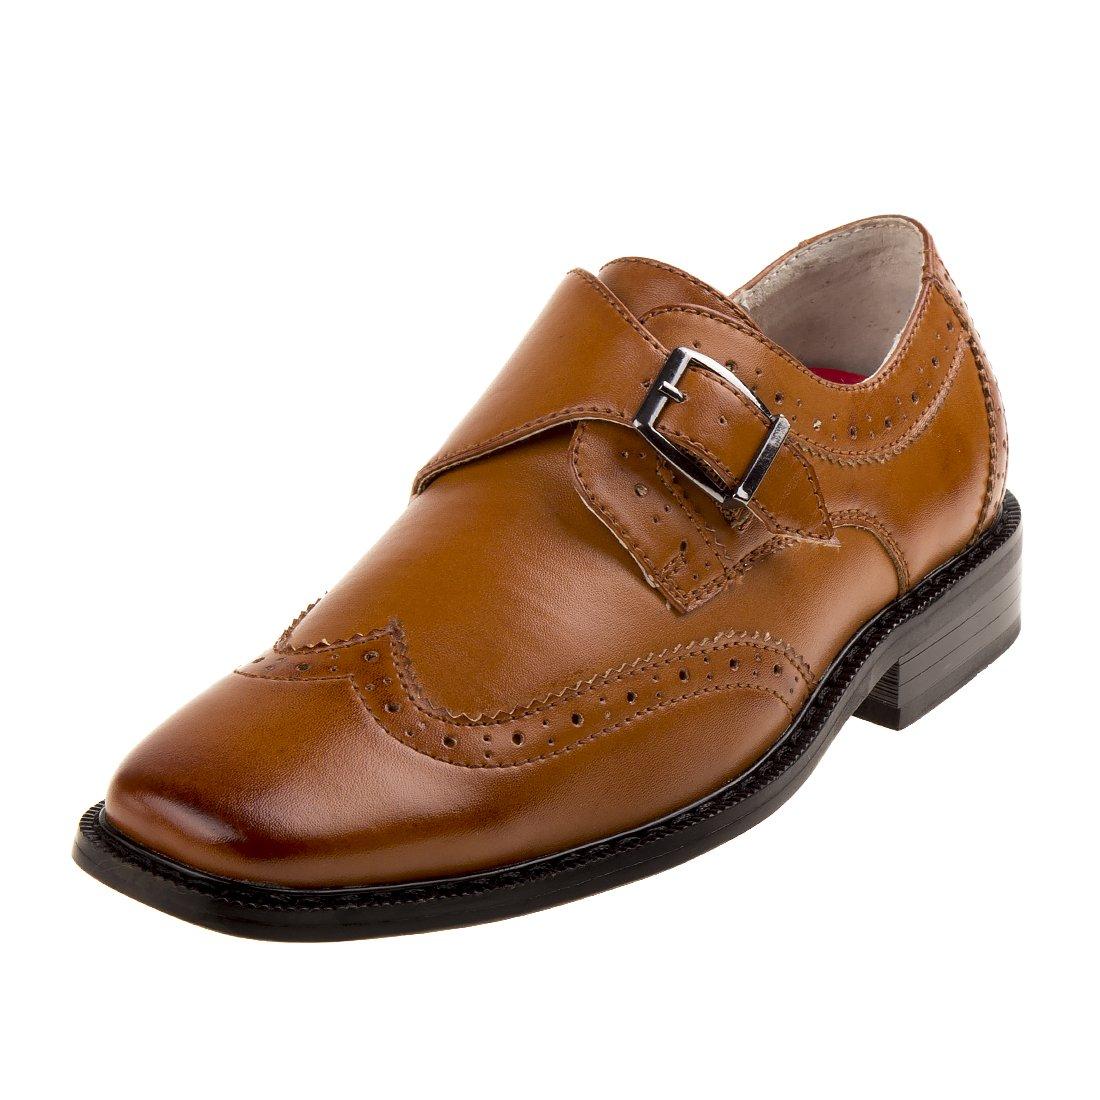 Joseph Allen Boy's Wingtip Shoe with Side Buckle, Brown, 3 M US Big Kid'